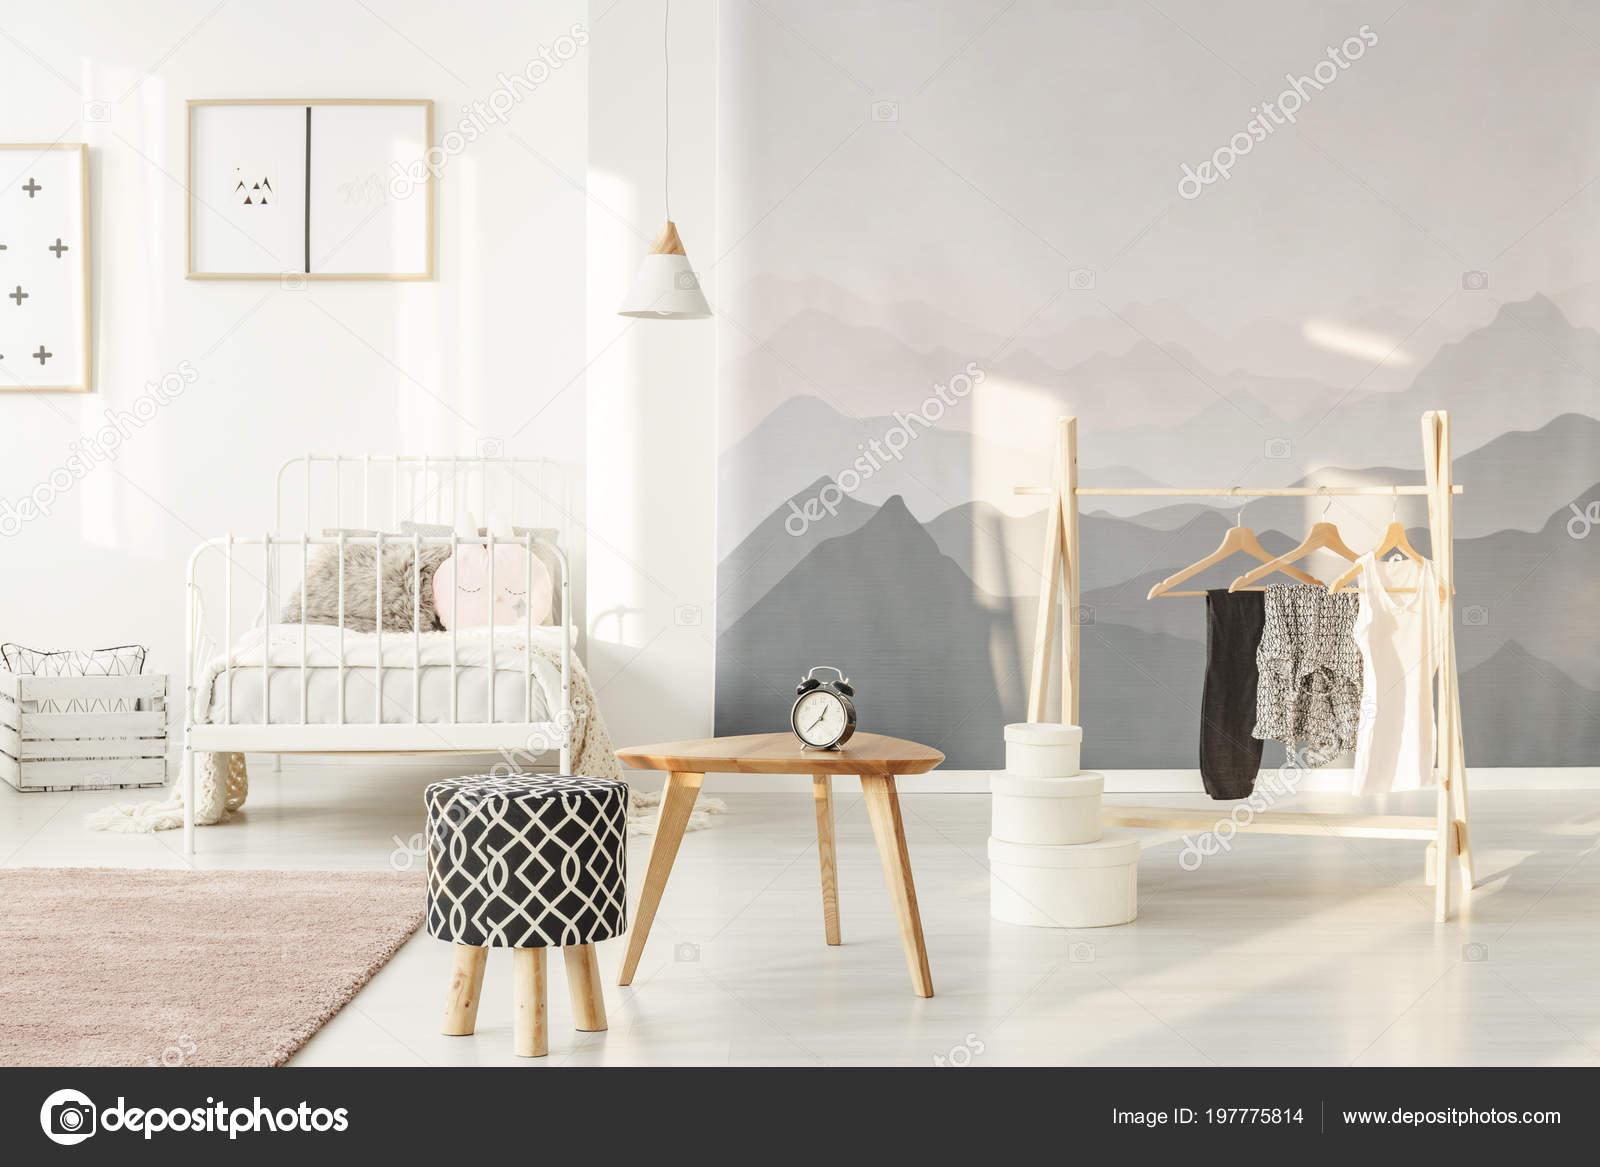 https://st4.depositphotos.com/2249091/19777/i/1600/depositphotos_197775814-stockafbeelding-zon-een-landschap-wallpaper-van.jpg